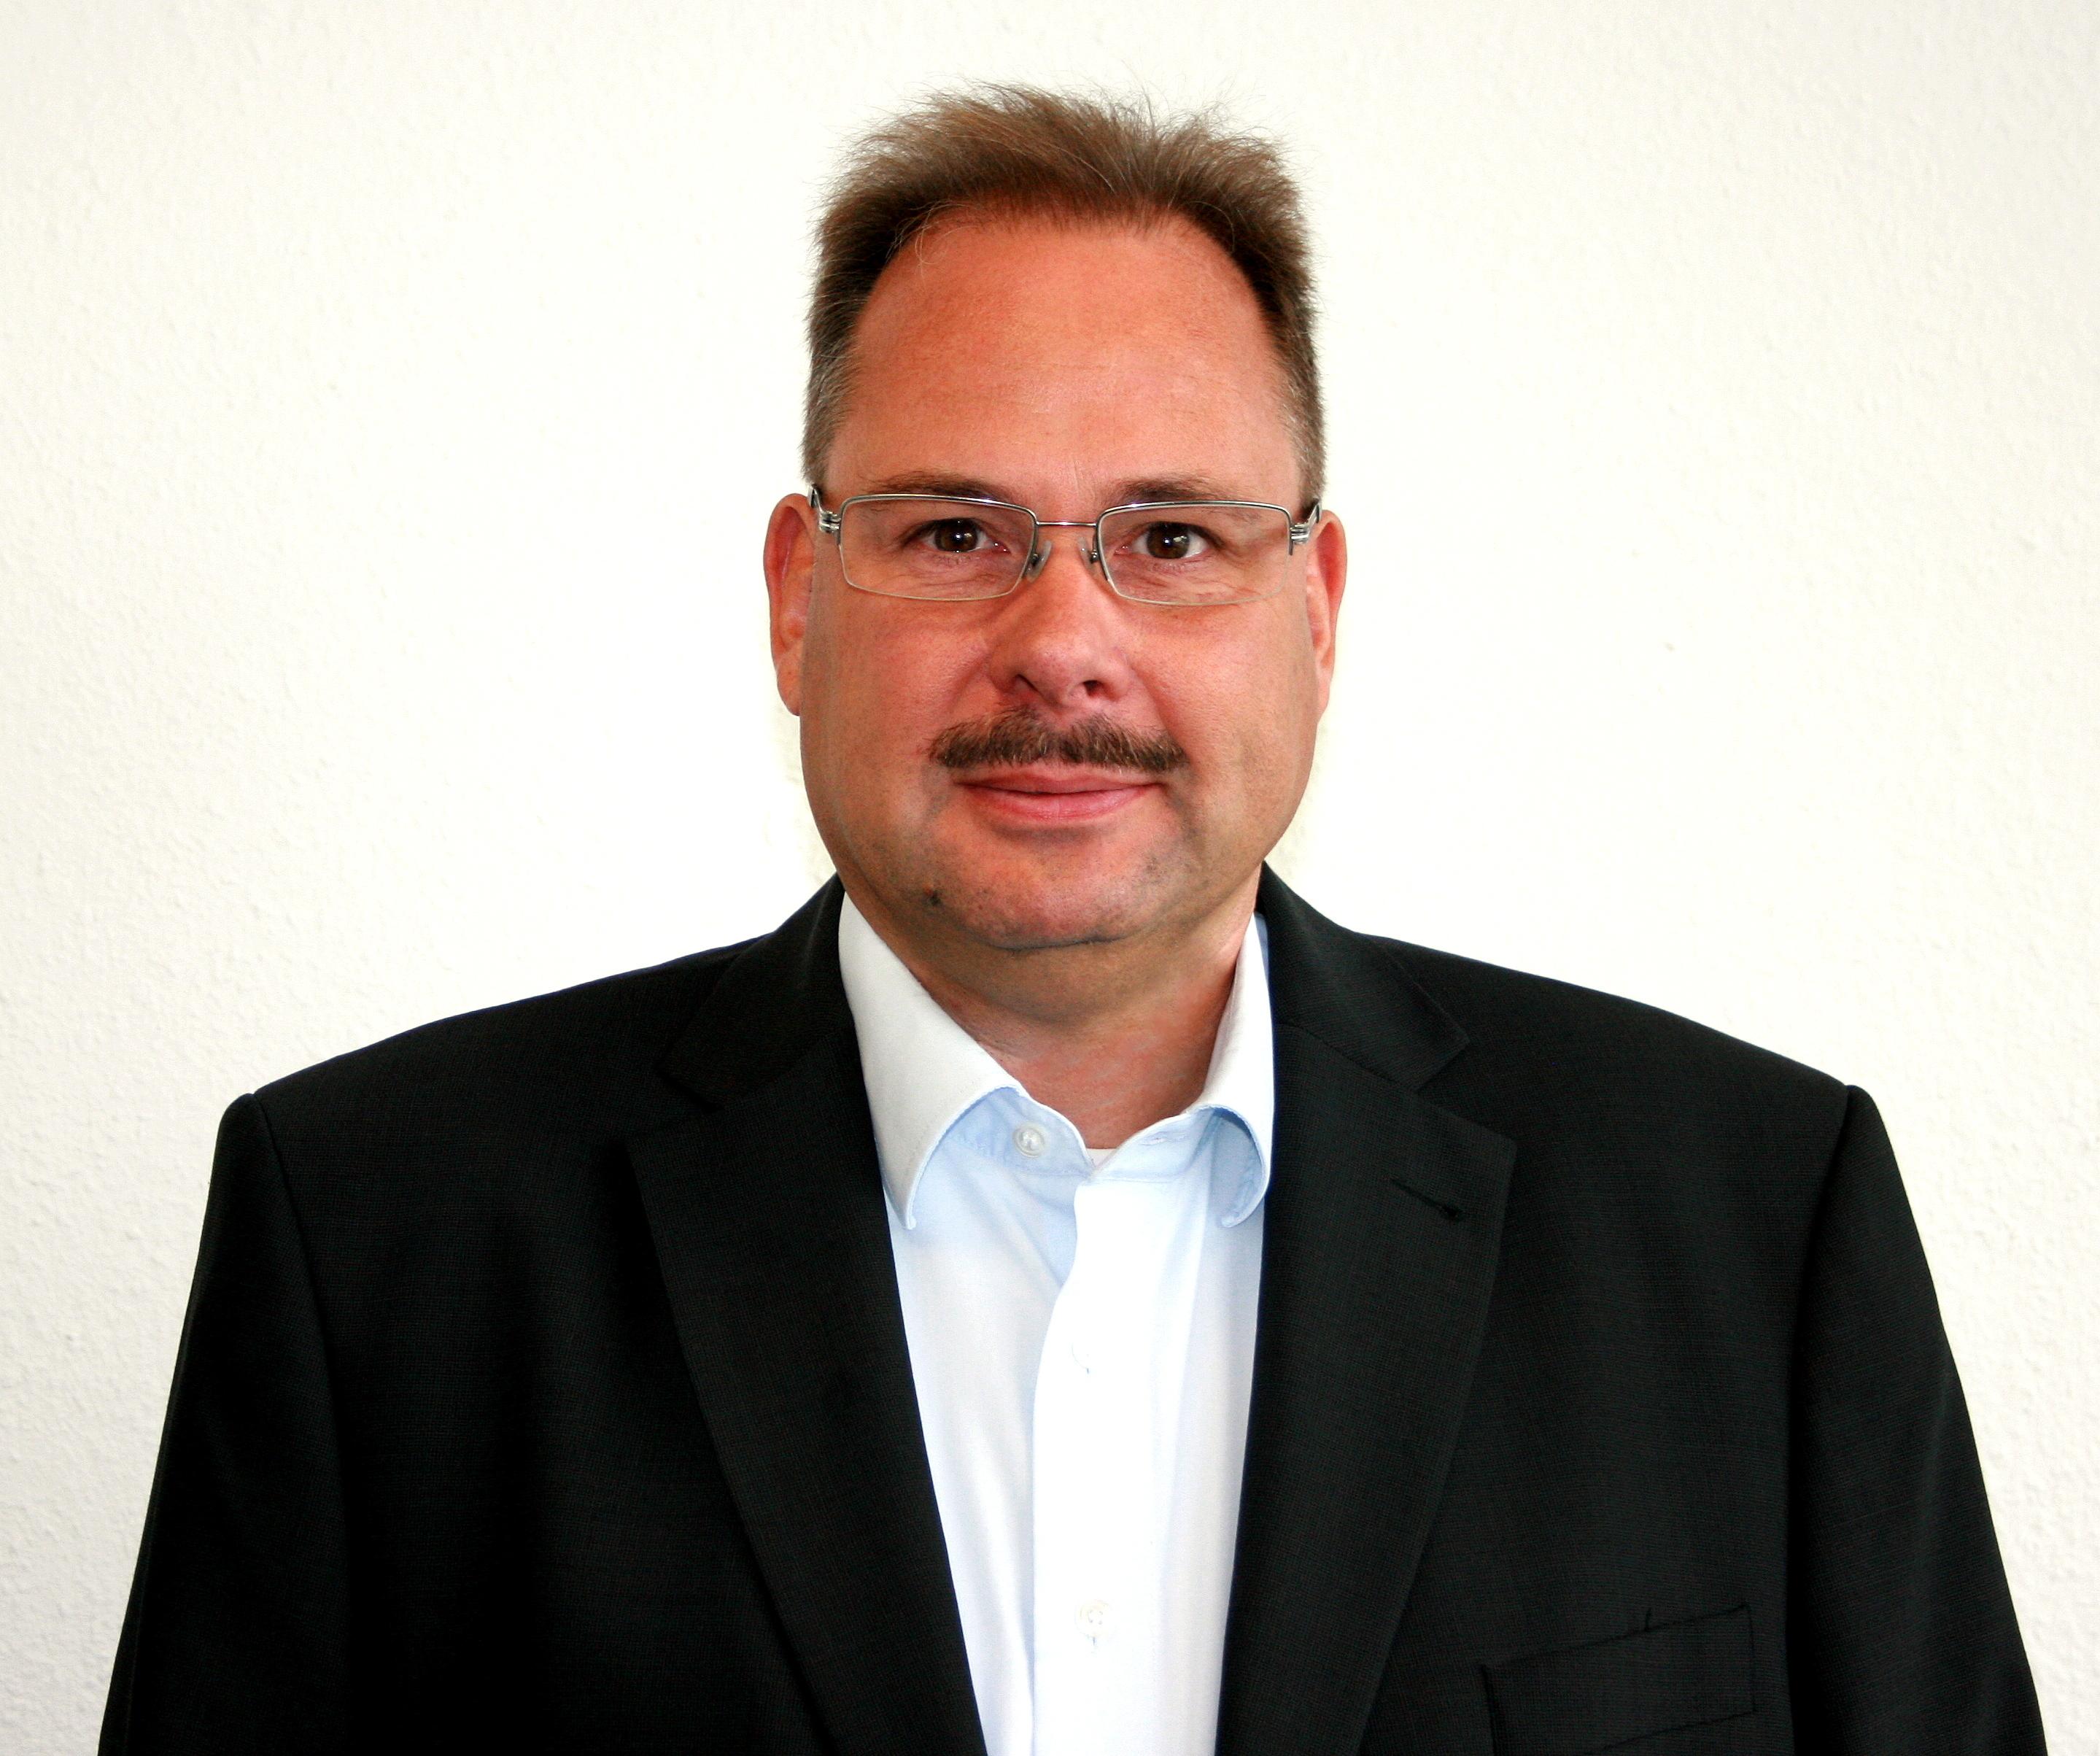 Uwe Strathmann